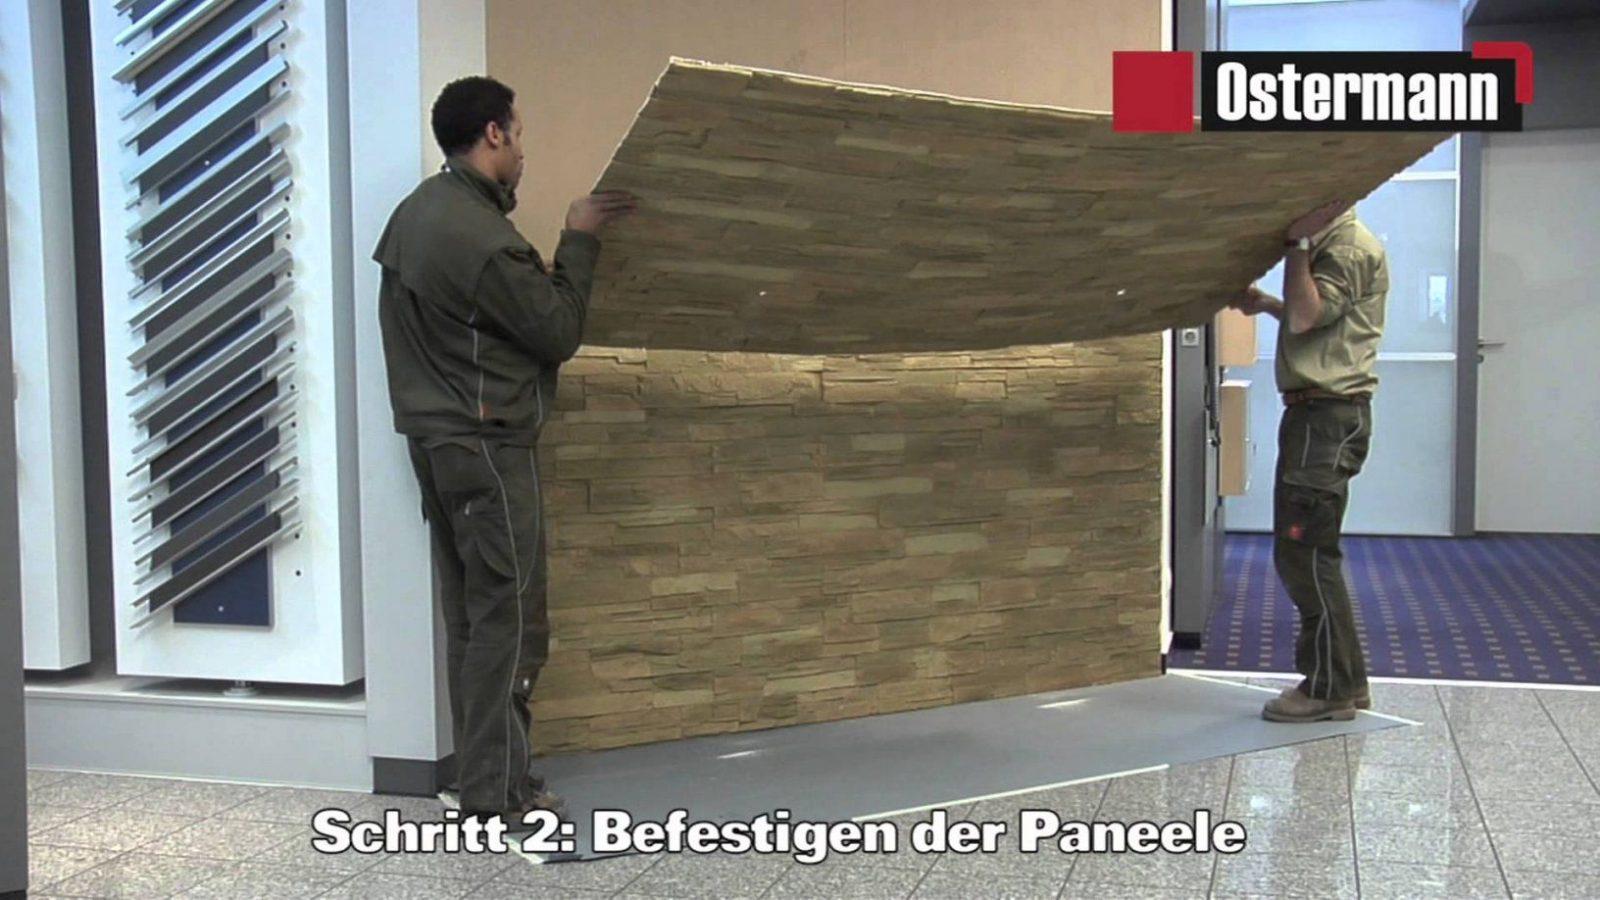 Ostermann  Gfksteinpaneele  Verarbeitungsvideo  Youtube von Wand Paneele Verkleidung Anbringen Bild